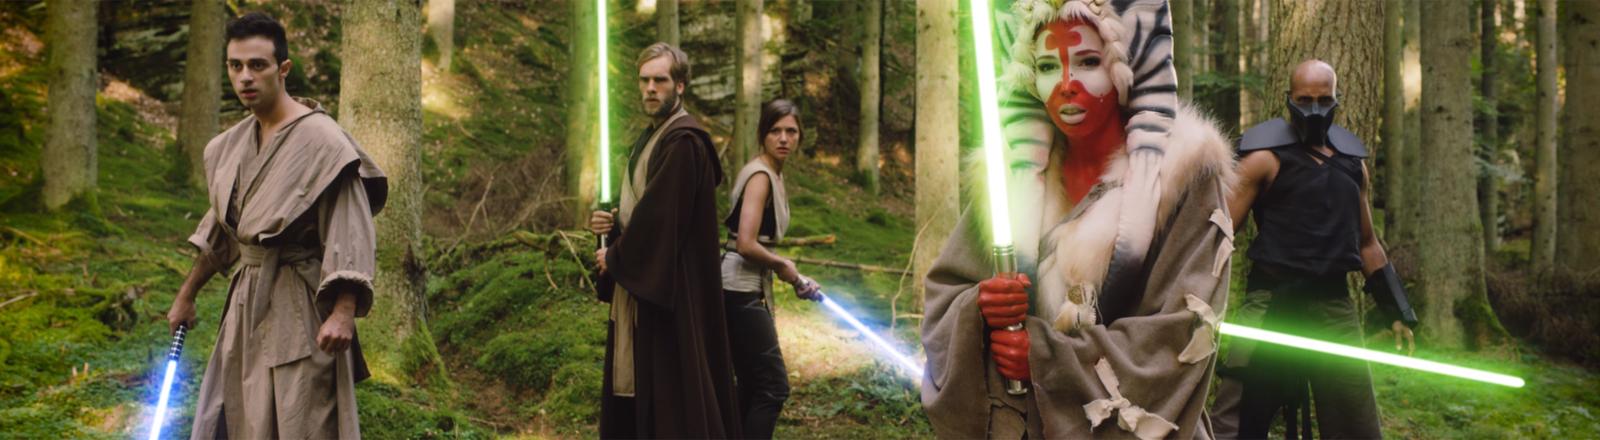 Homage an Star Wars: Vi-Dan Tran und Shawn Bu landen einen viralen Hit